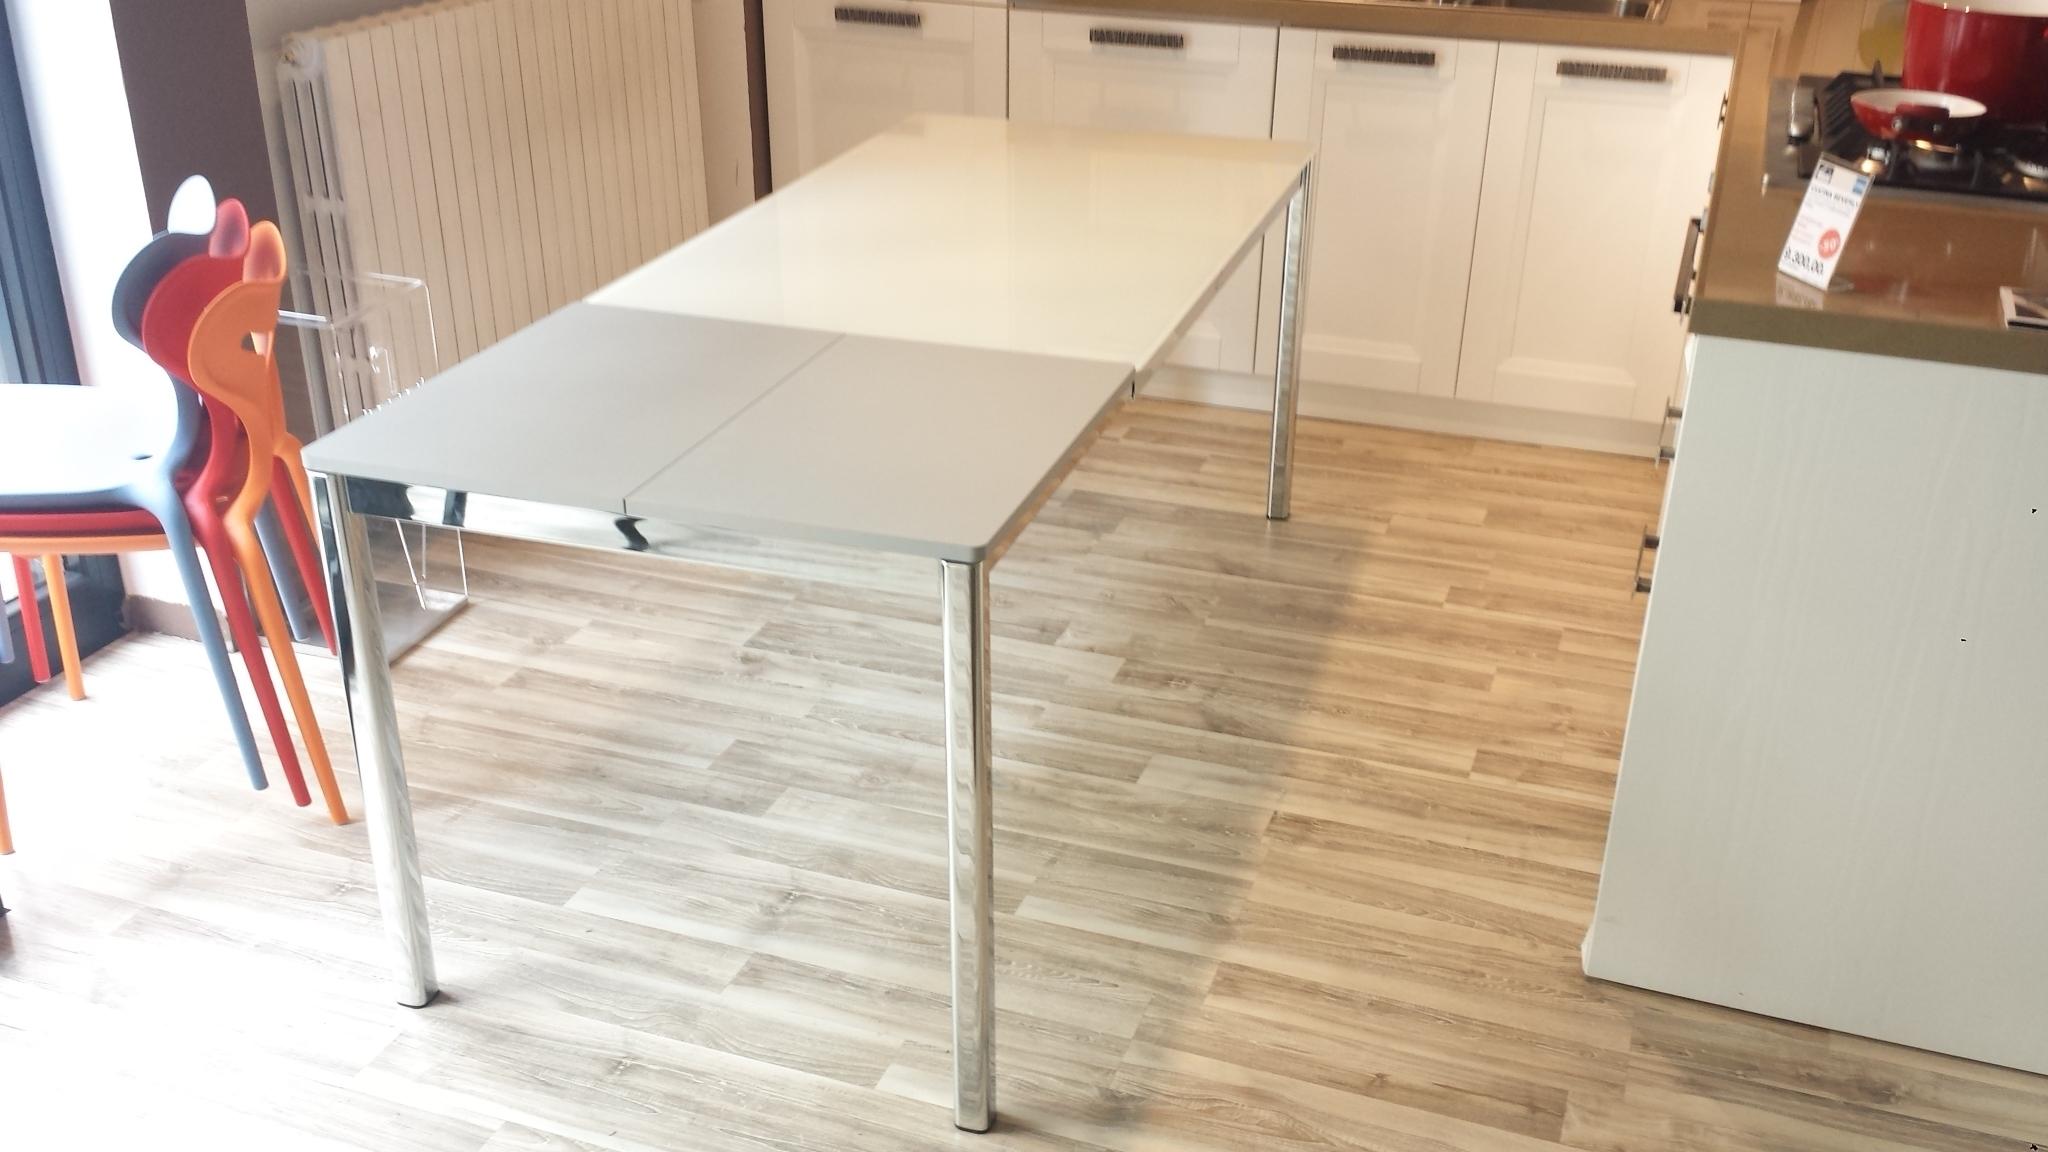 Tavolo da cucina allungabile performance 20855 tavoli a prezzi scontati - Catalogo ikea tavoli ...